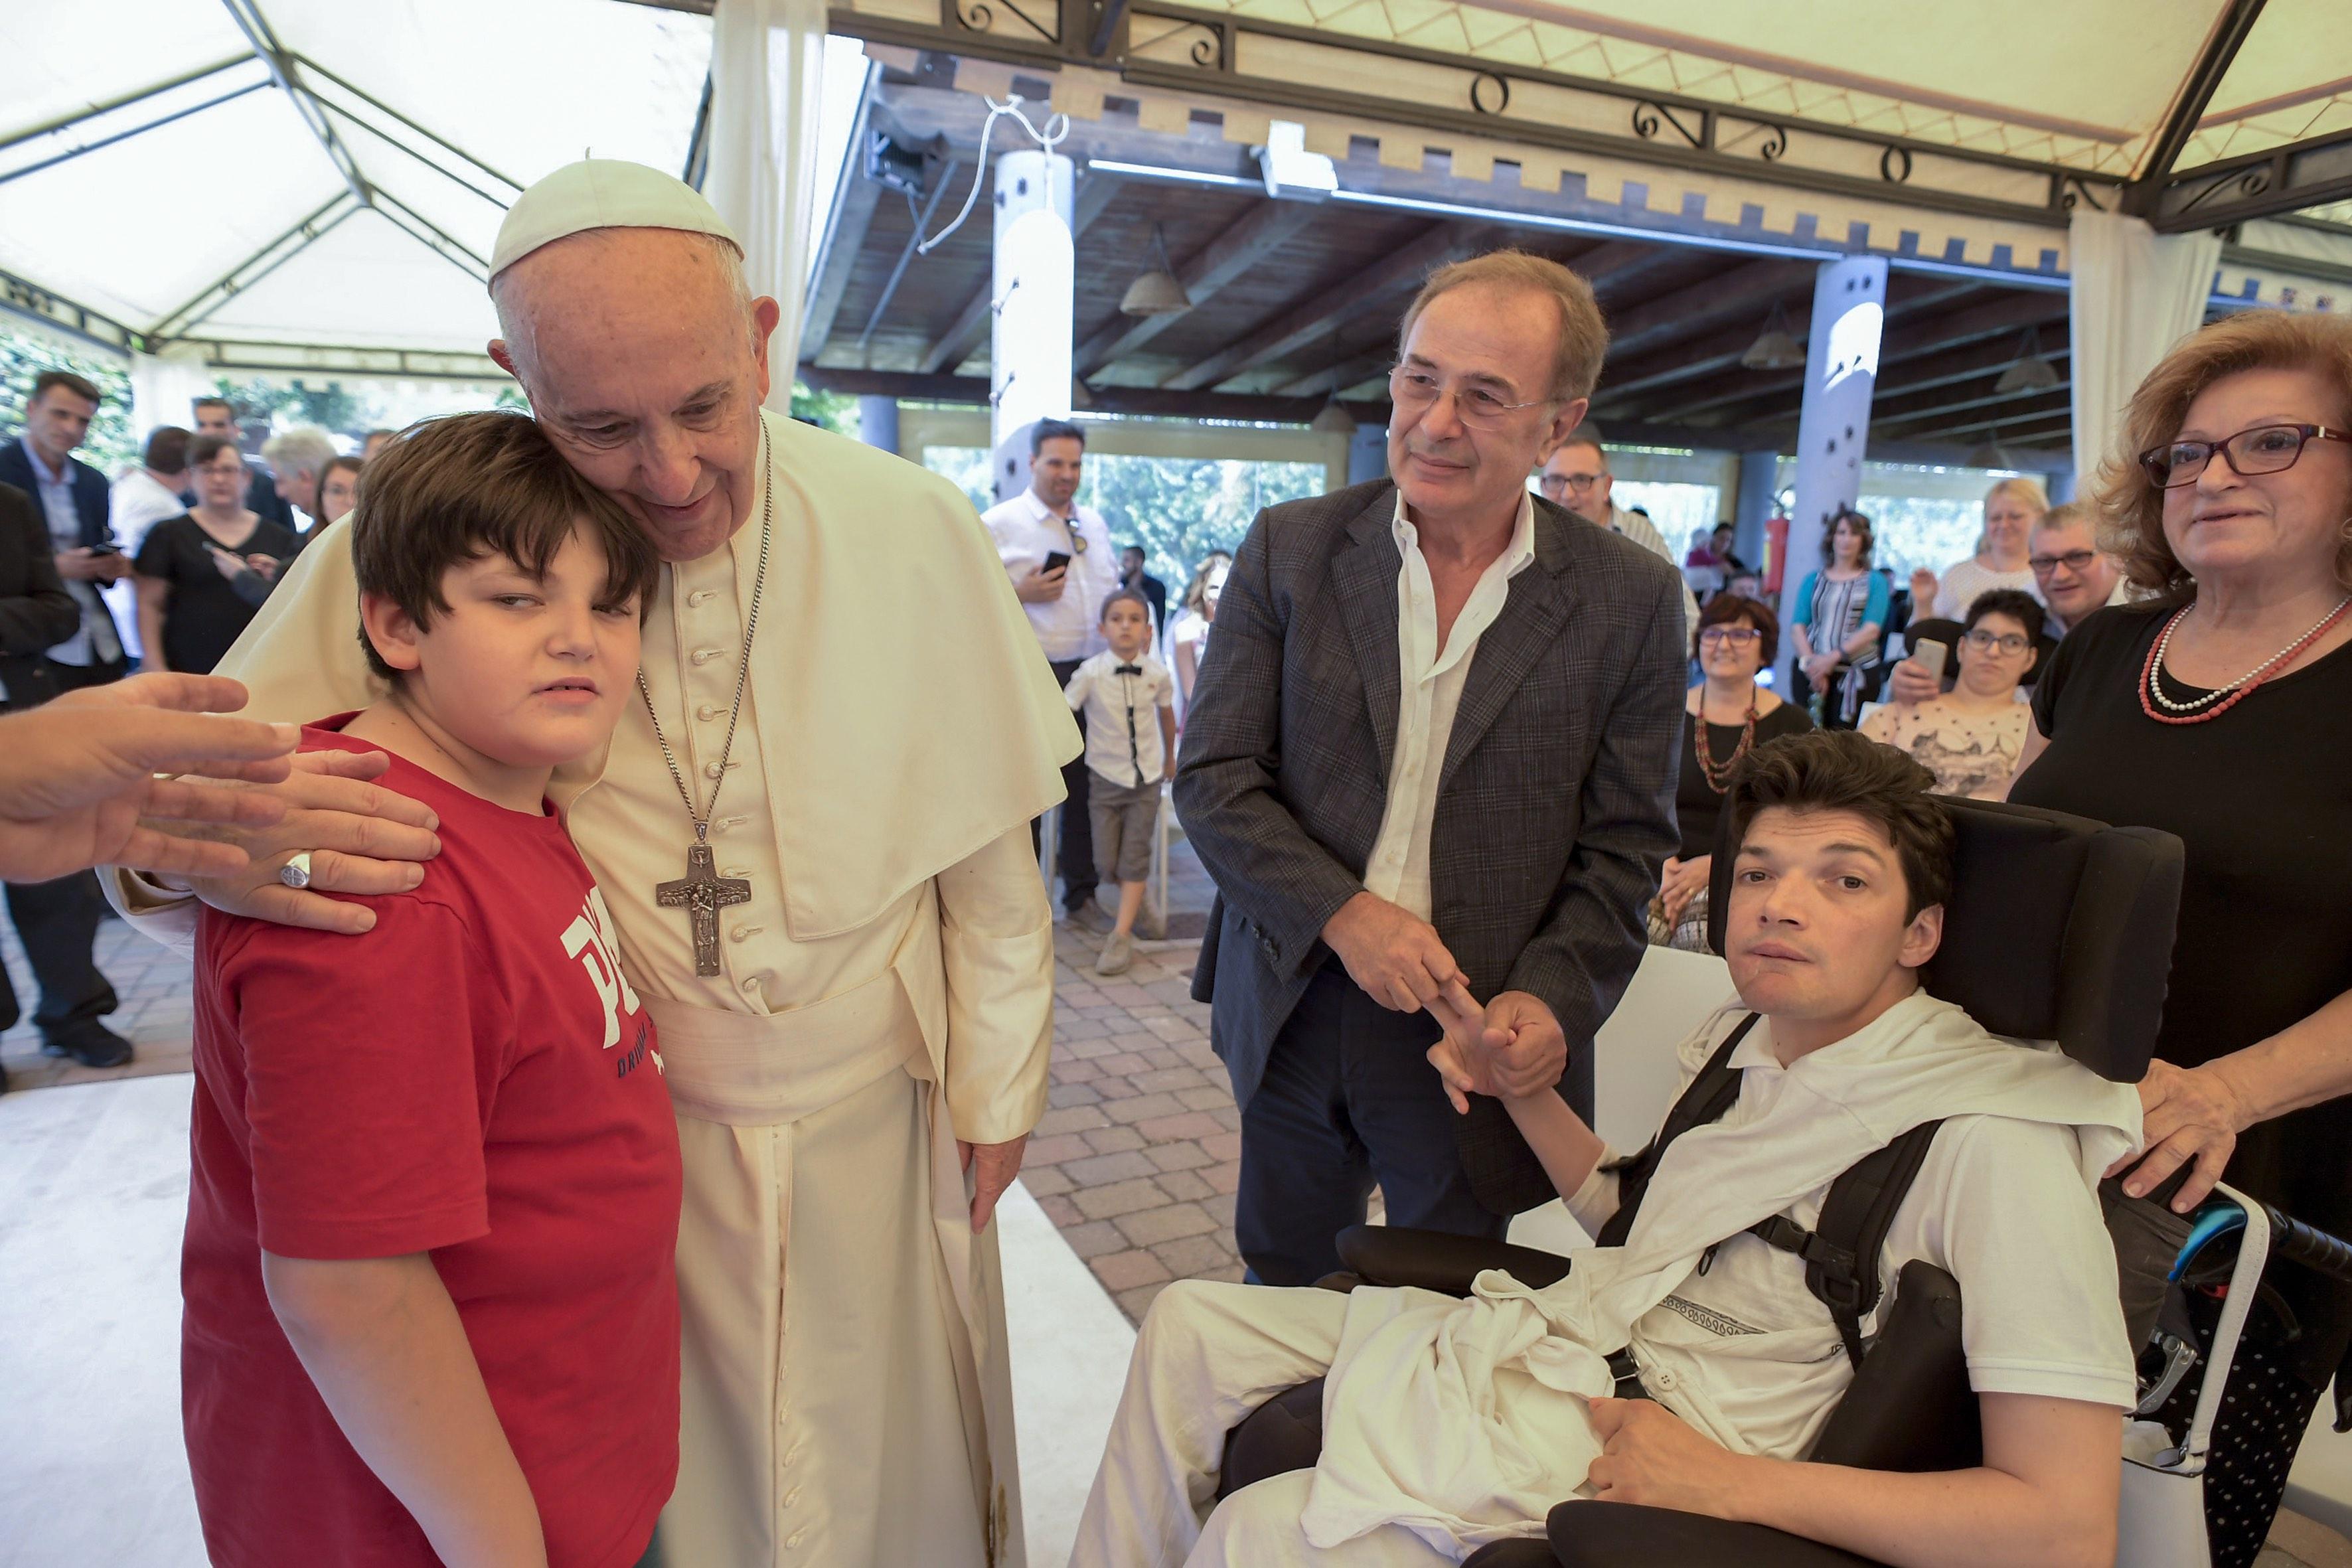 Fondation Durante e Dopo di Noi, handicap © Vatican Media